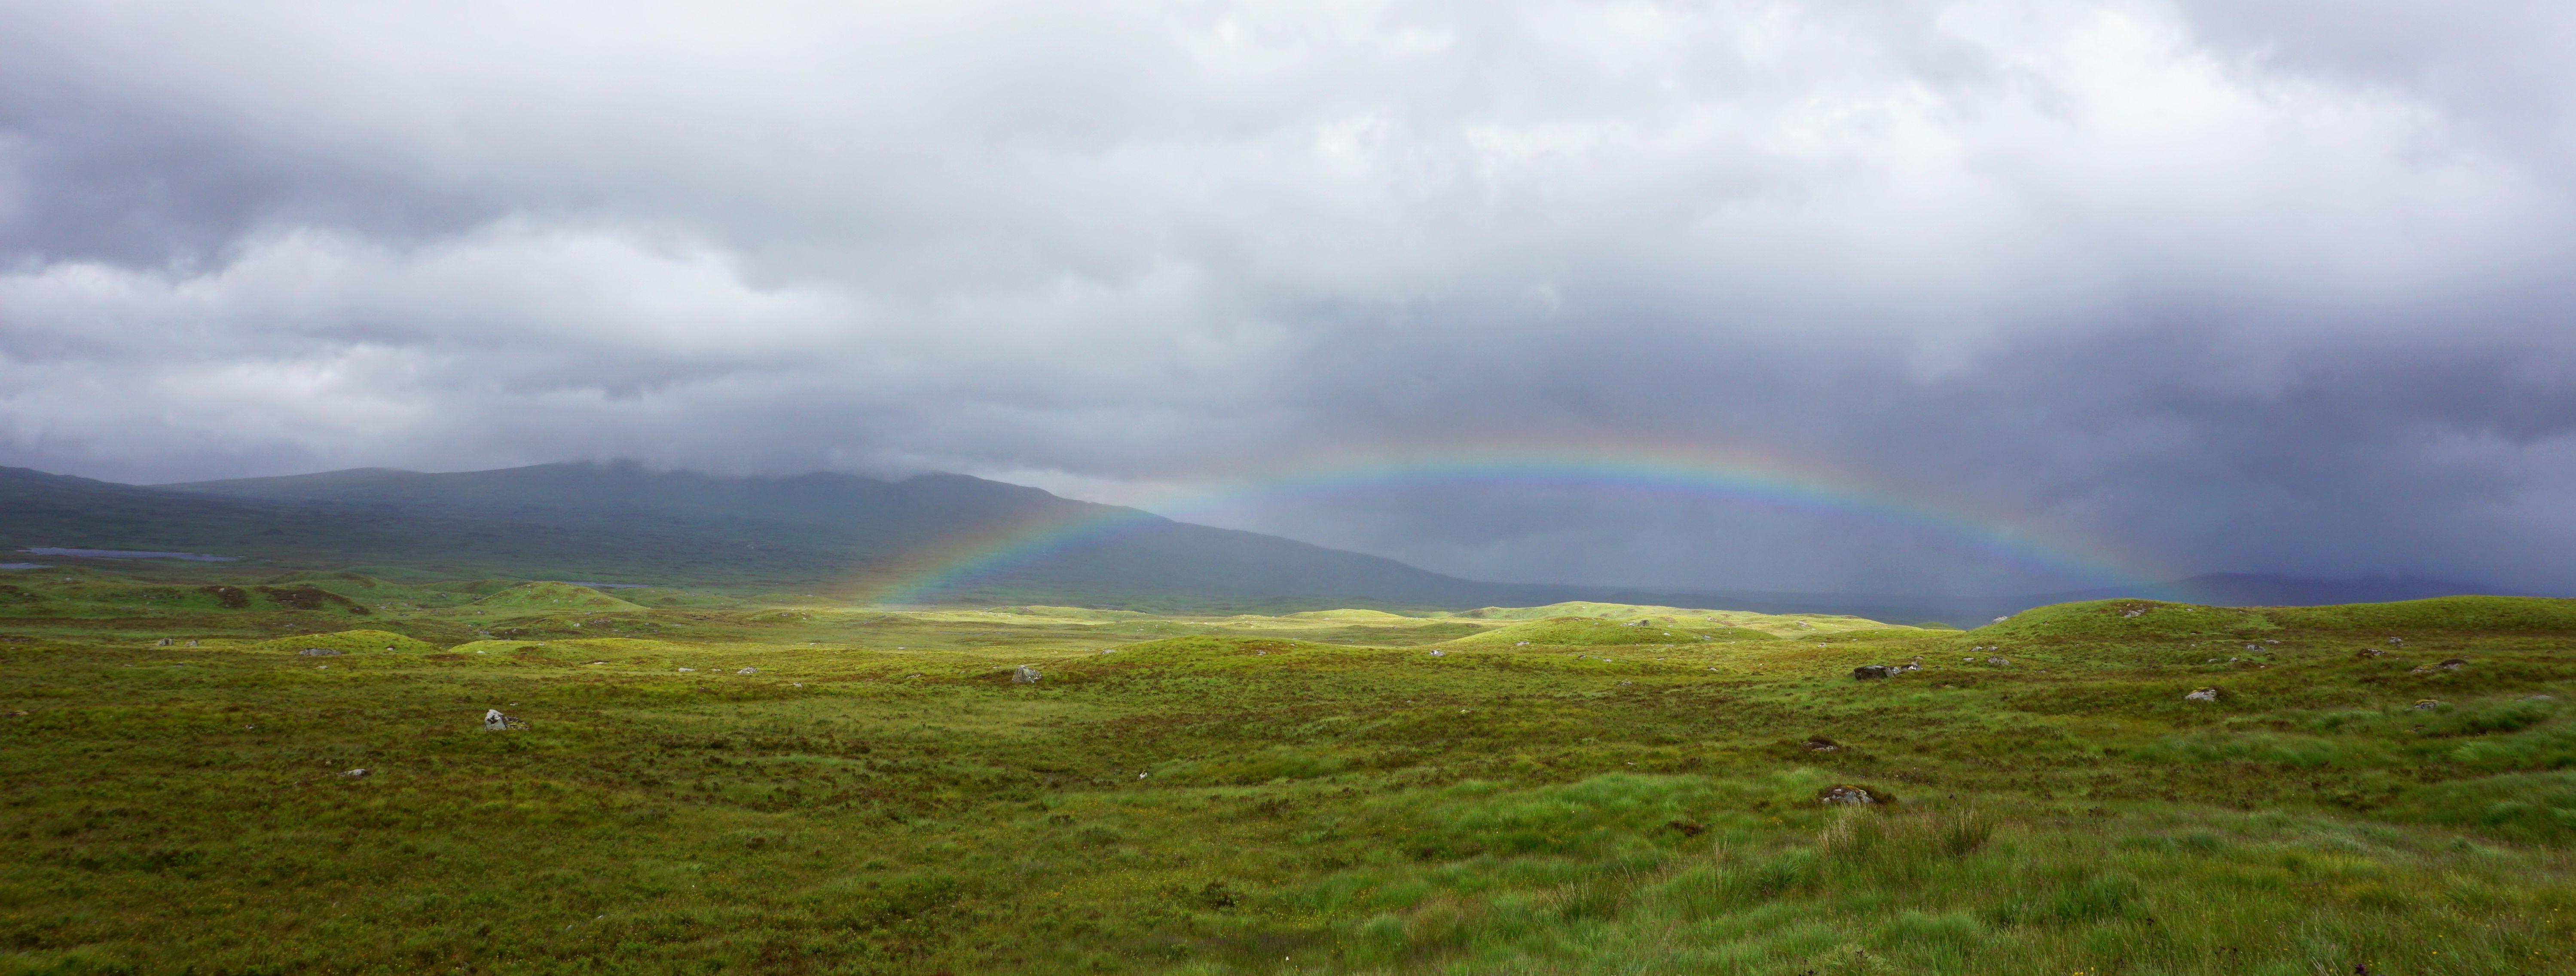 Glen Coe Schottland Regenbogen